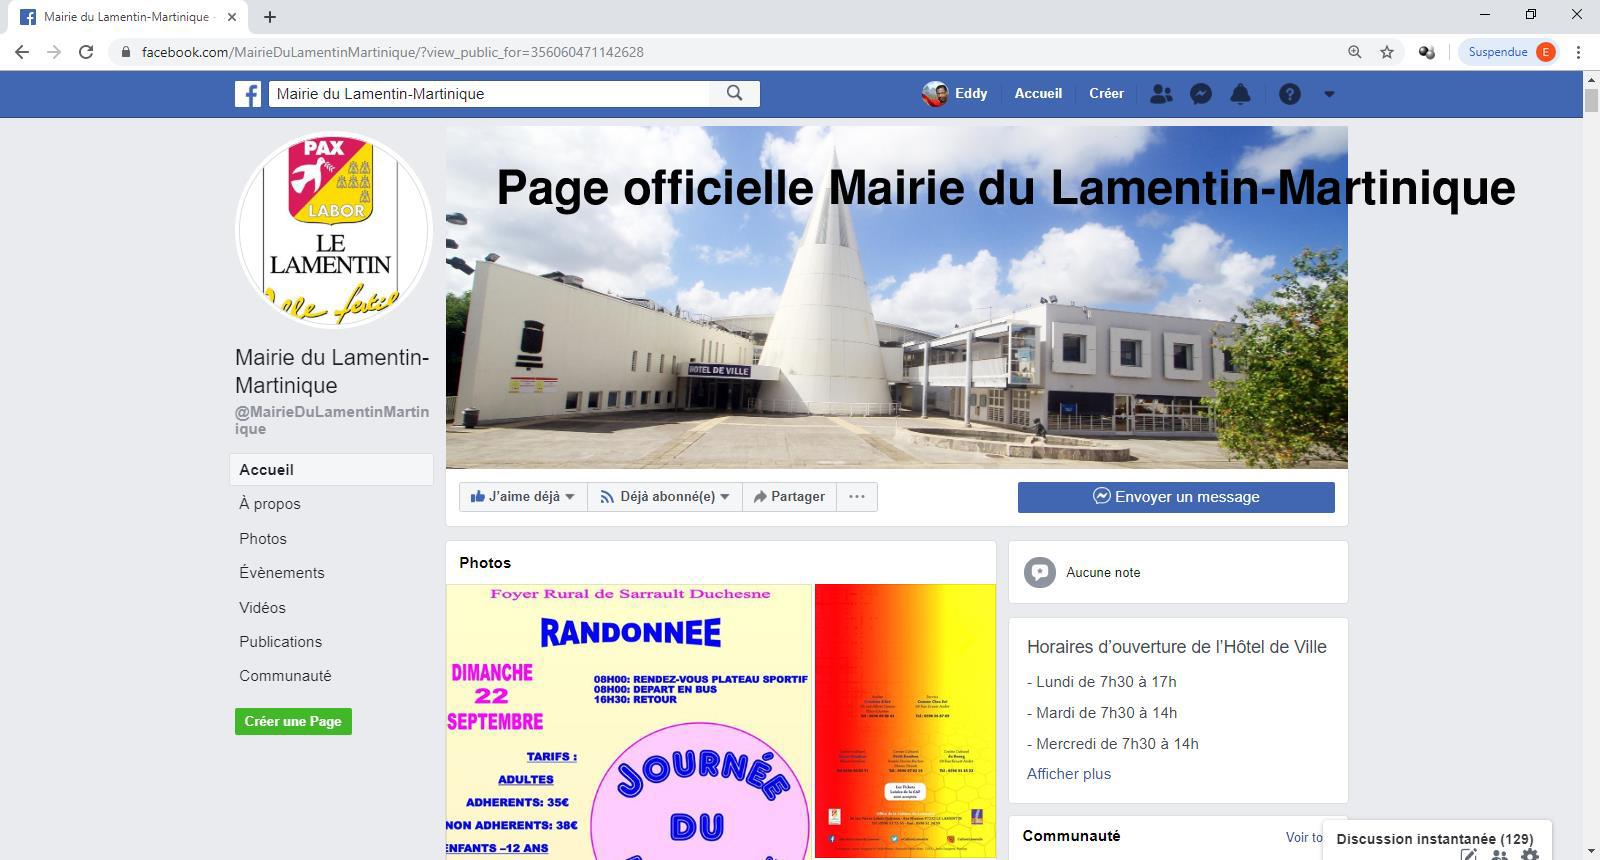 Alerte à la page Facebook frauduleuse Mairie Du Lamentin